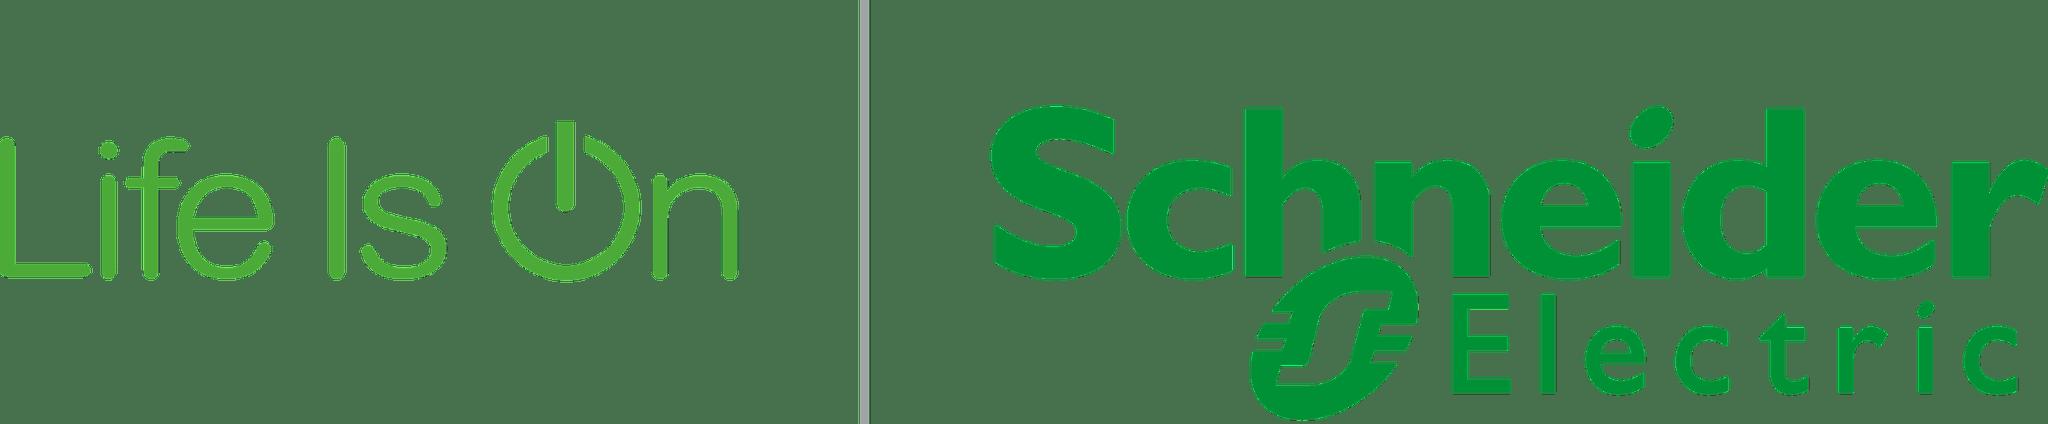 Schneider Electric FZE